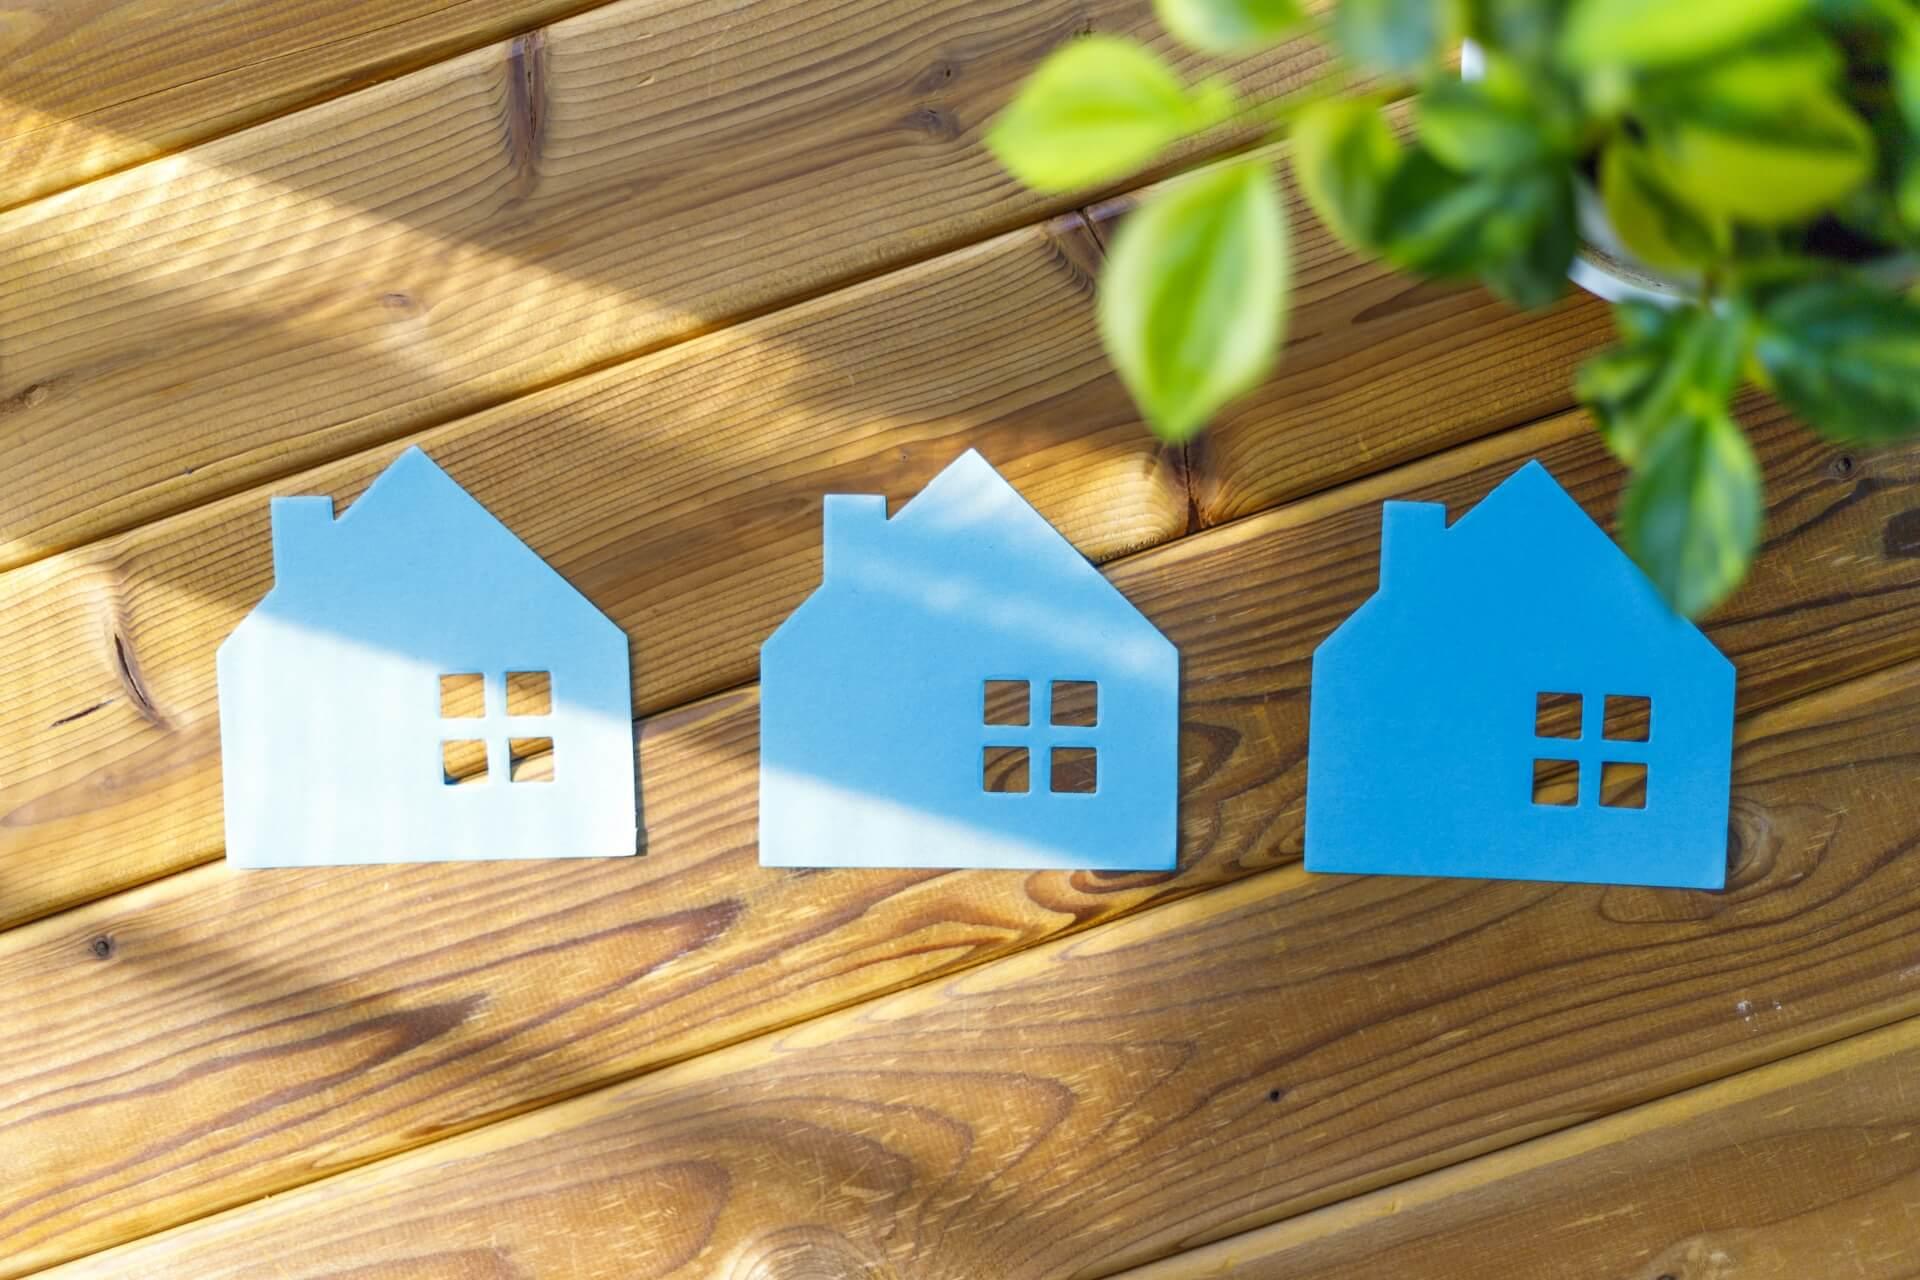 スーツケースを自治体で処分。 陽の当たるフローリングに青い折り紙で作られた家が3つ